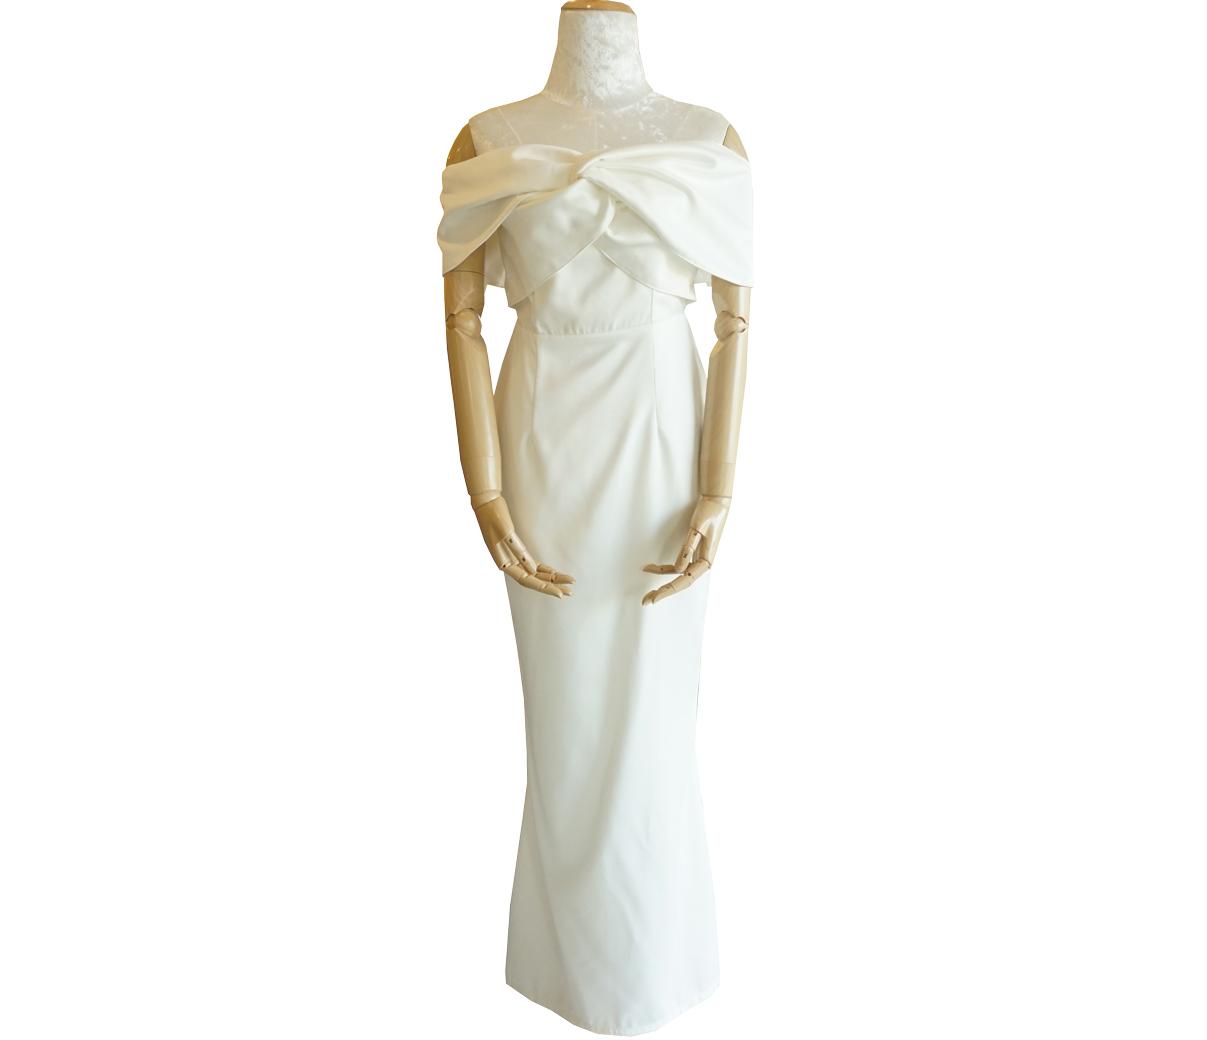 ชุดออกงานยาวสีขาว เปิดไหล่ แต่งโบว์หน้า แนวเรียบๆ สวยหรู ดูดี : พร้อมส่ง S M